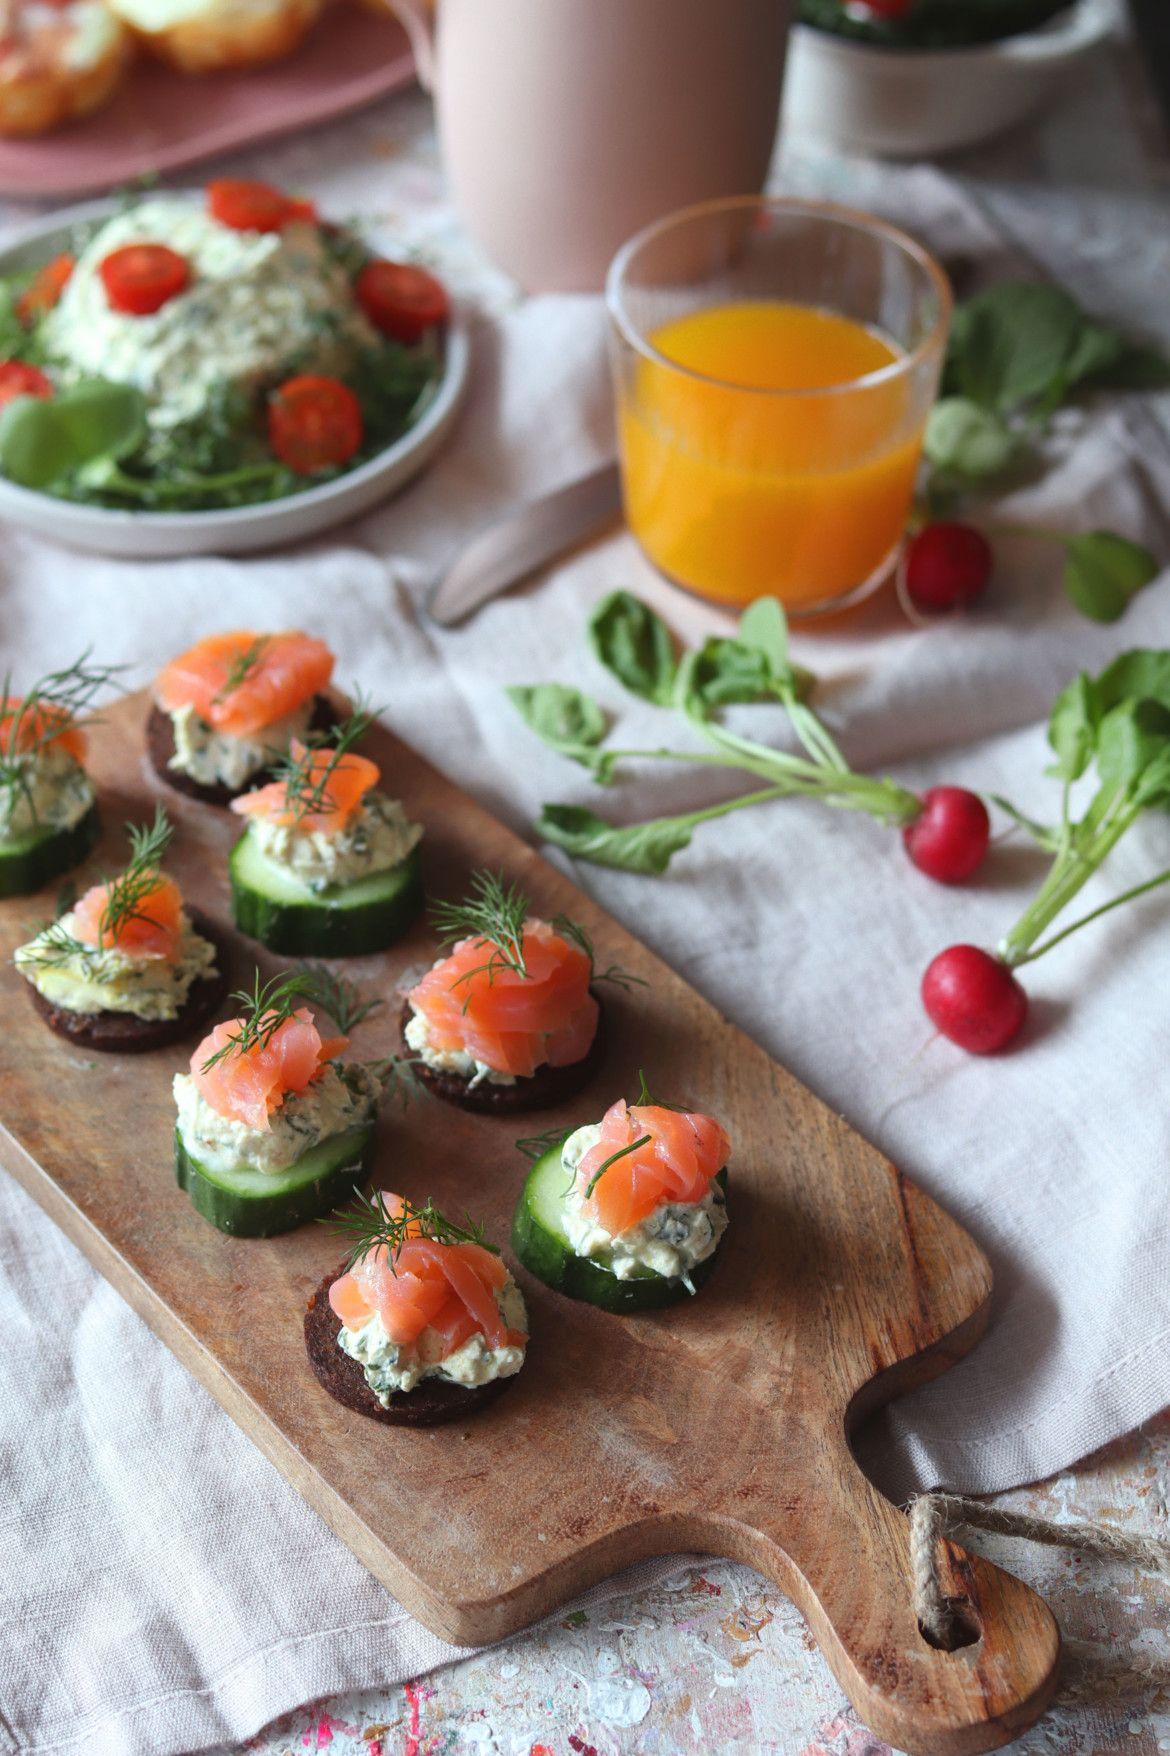 3 schnell gemachte und einfache Brunch & Osterbrunch Rezepte #frühstückundbrunch